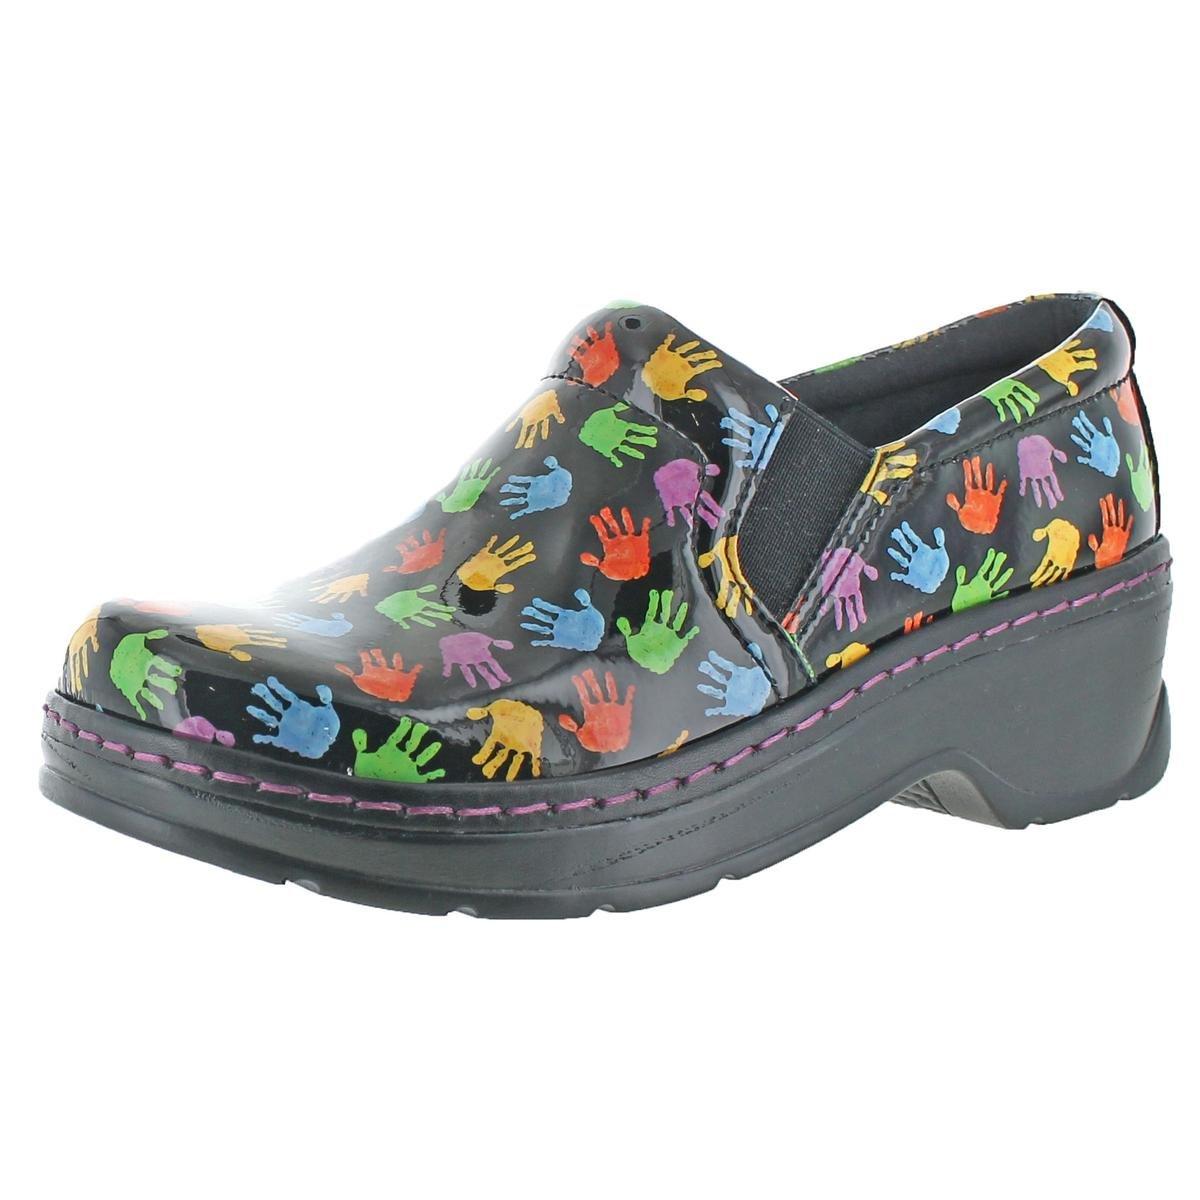 Klogs Unisex Naples Hands Patent Shoes - 10 B(M) US